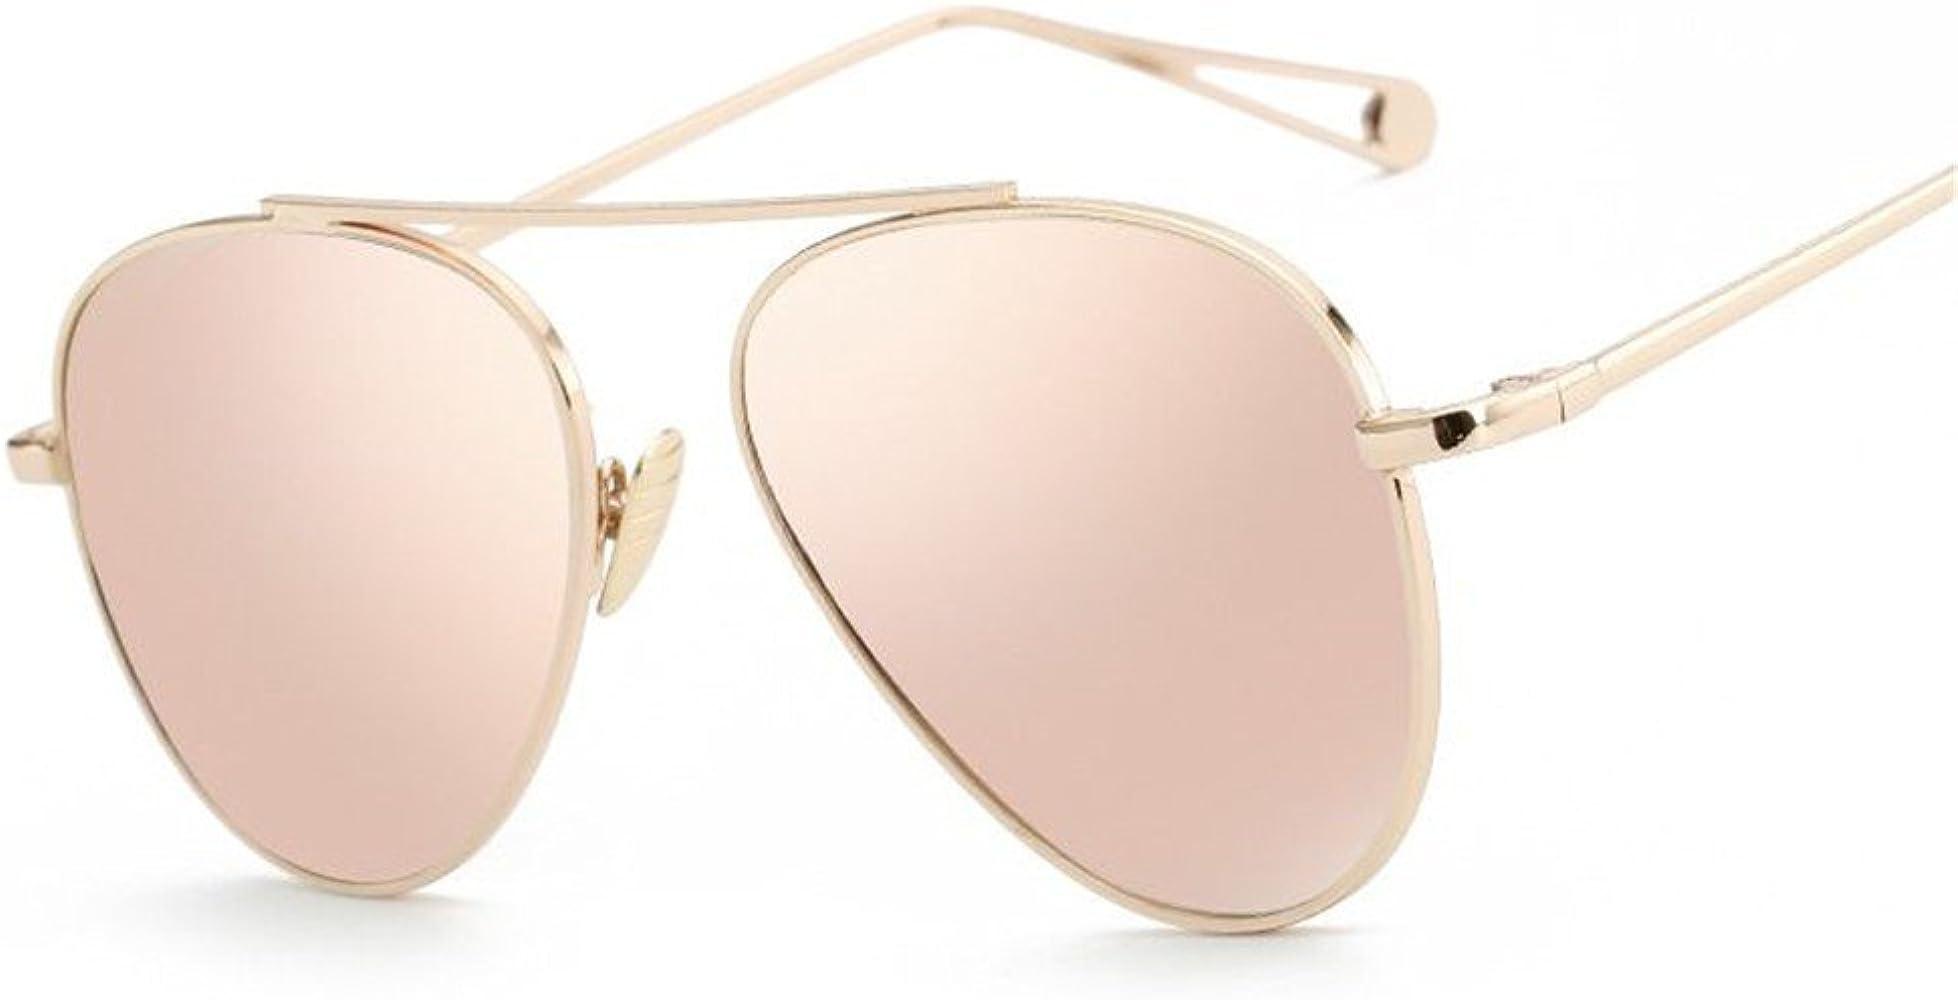 WHLSTJ La Personalidad De La Moda Gafas De Sol De Moda ...